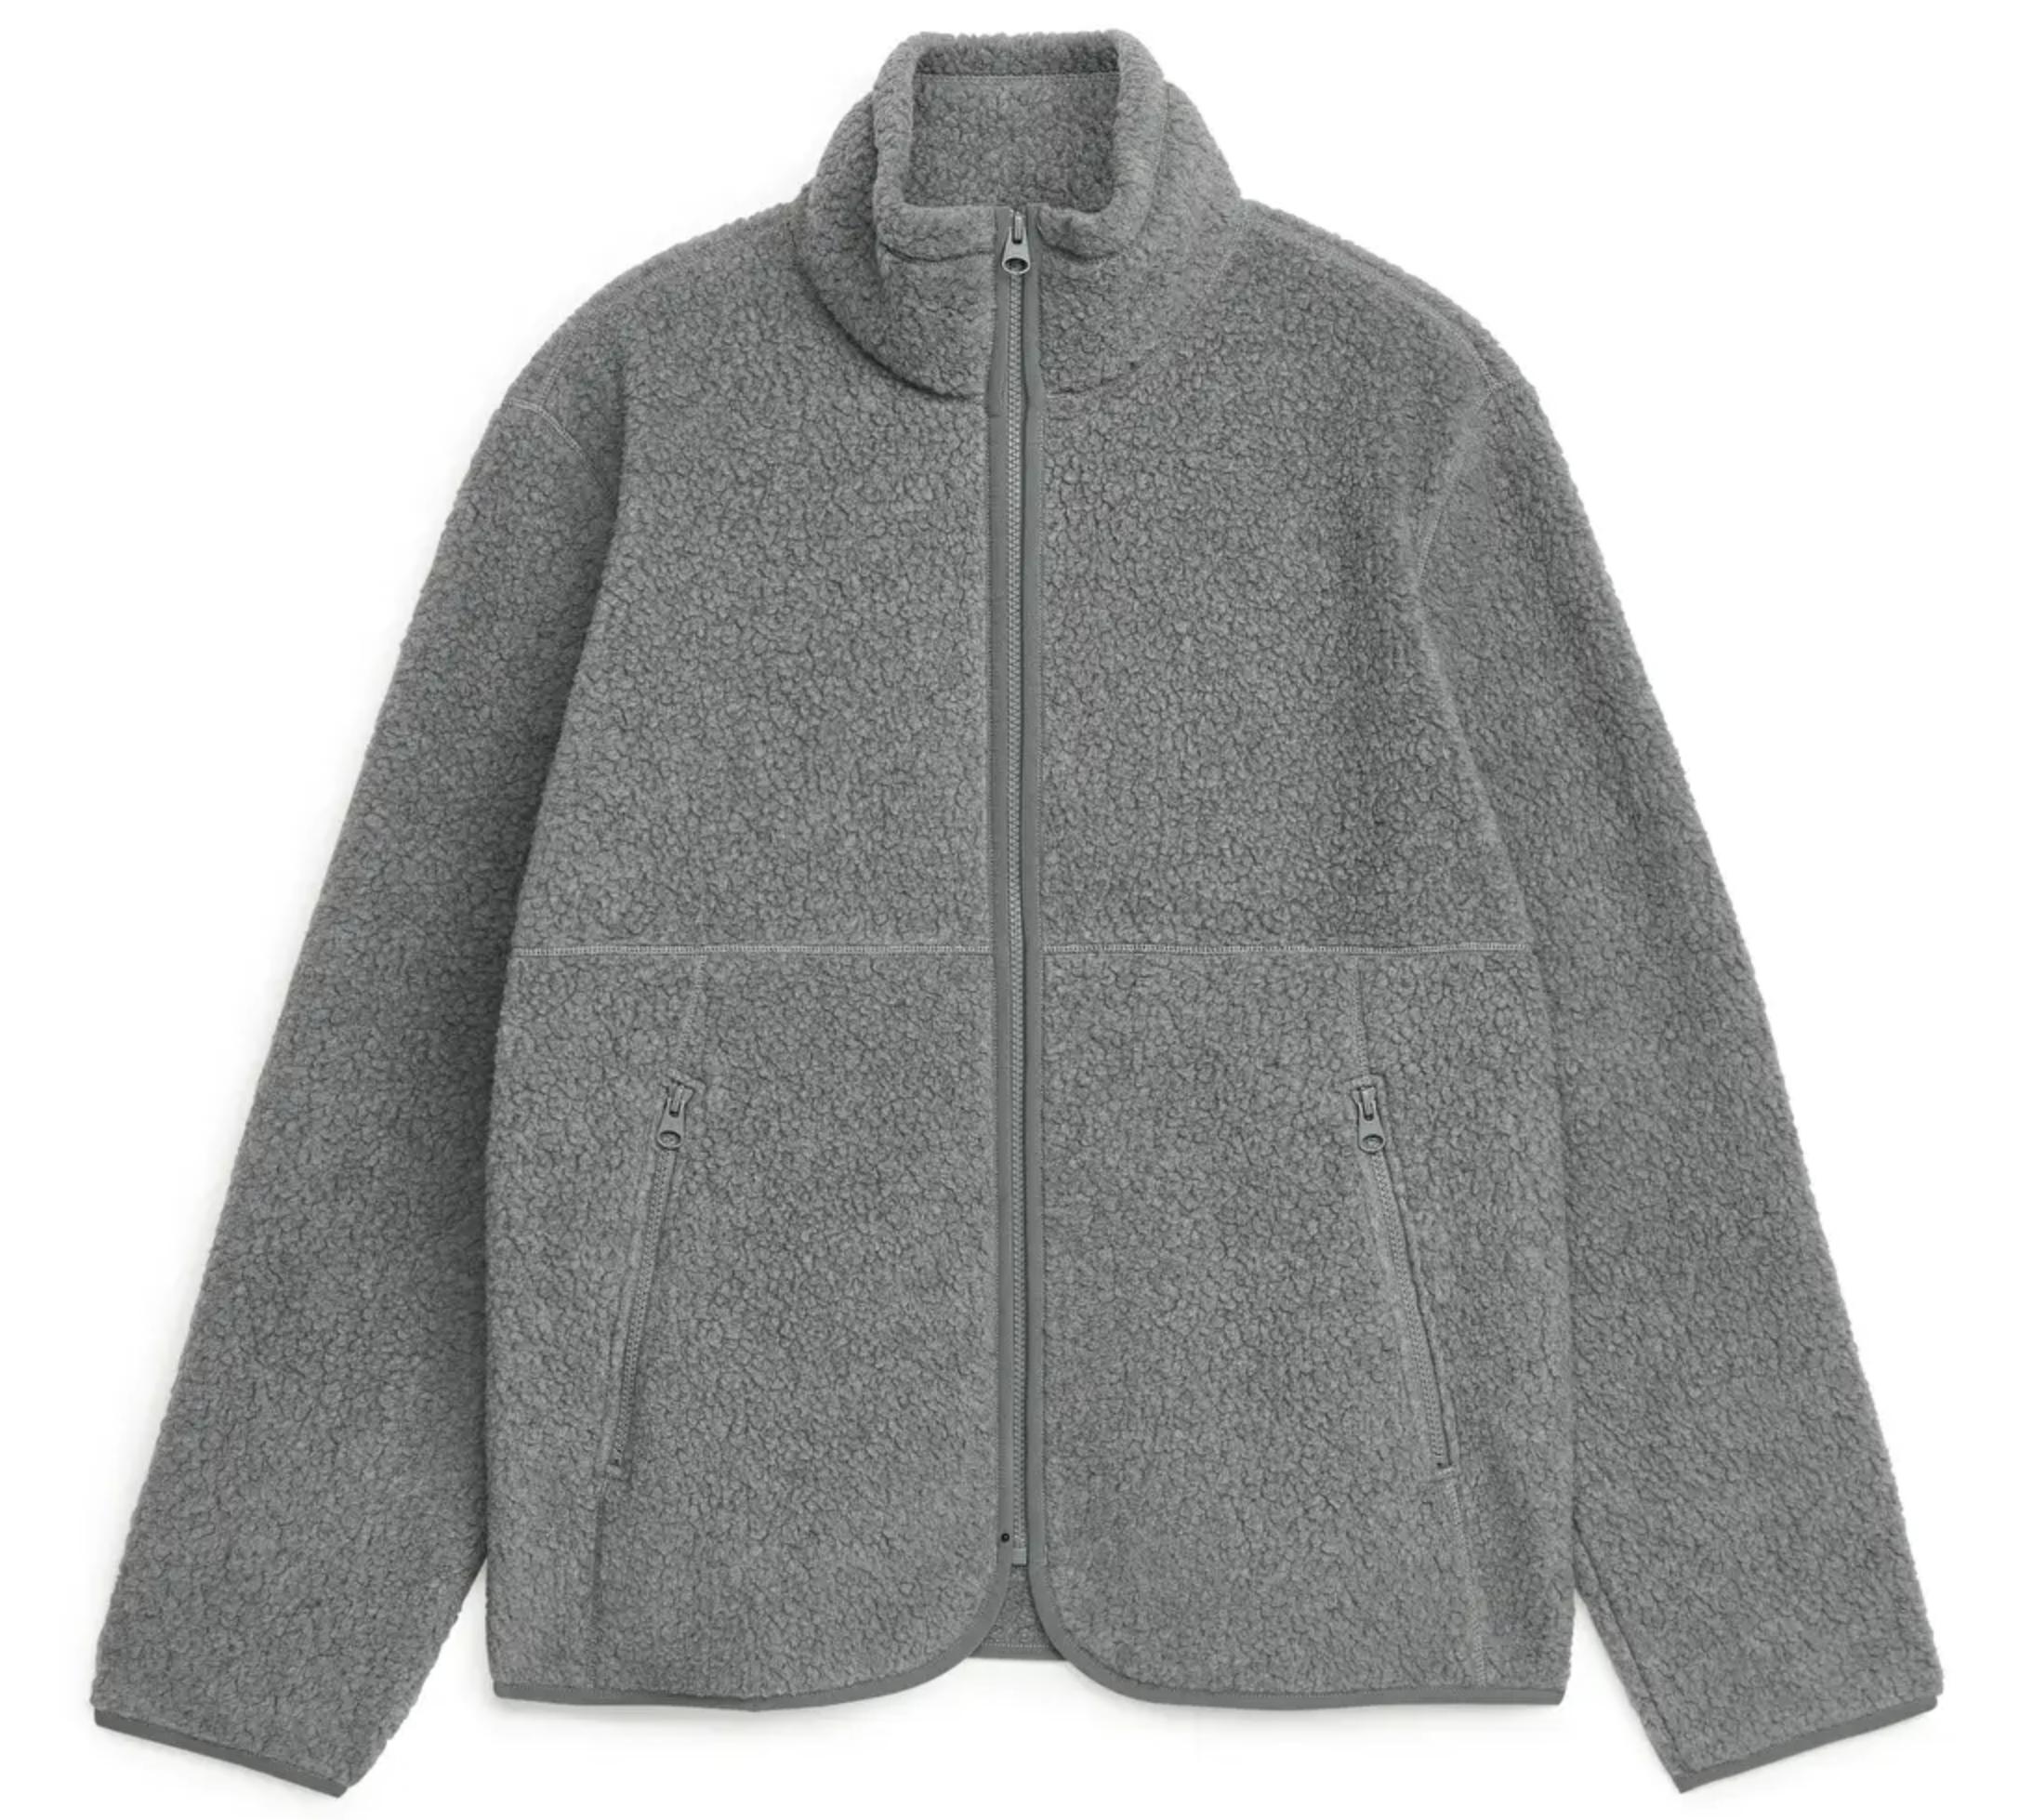 Arket Active Fleece Jacket